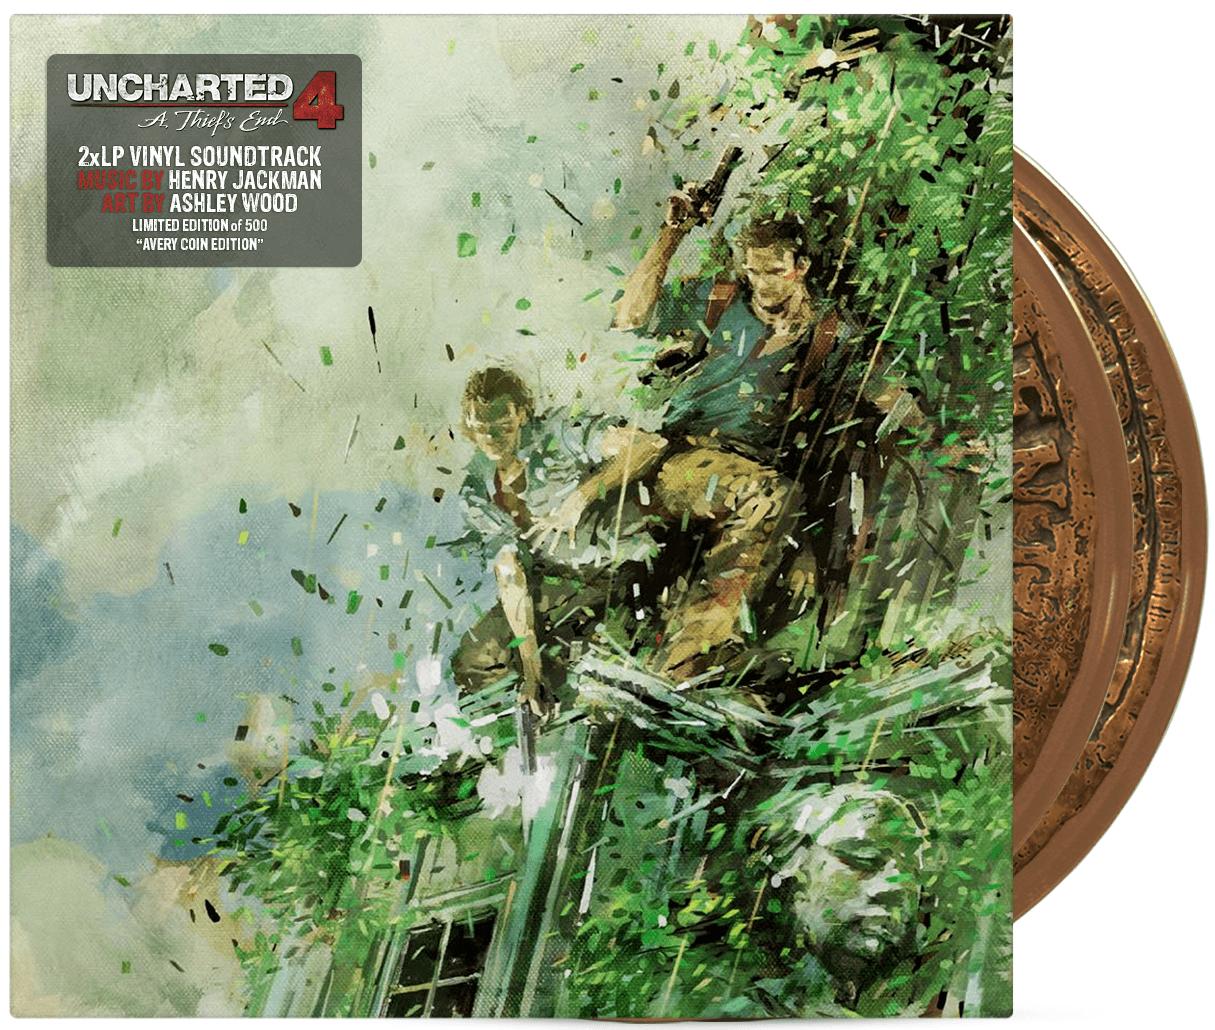 【Uncharted(アンチャーテッド)】海賊王と最後の秘宝 - 画像2